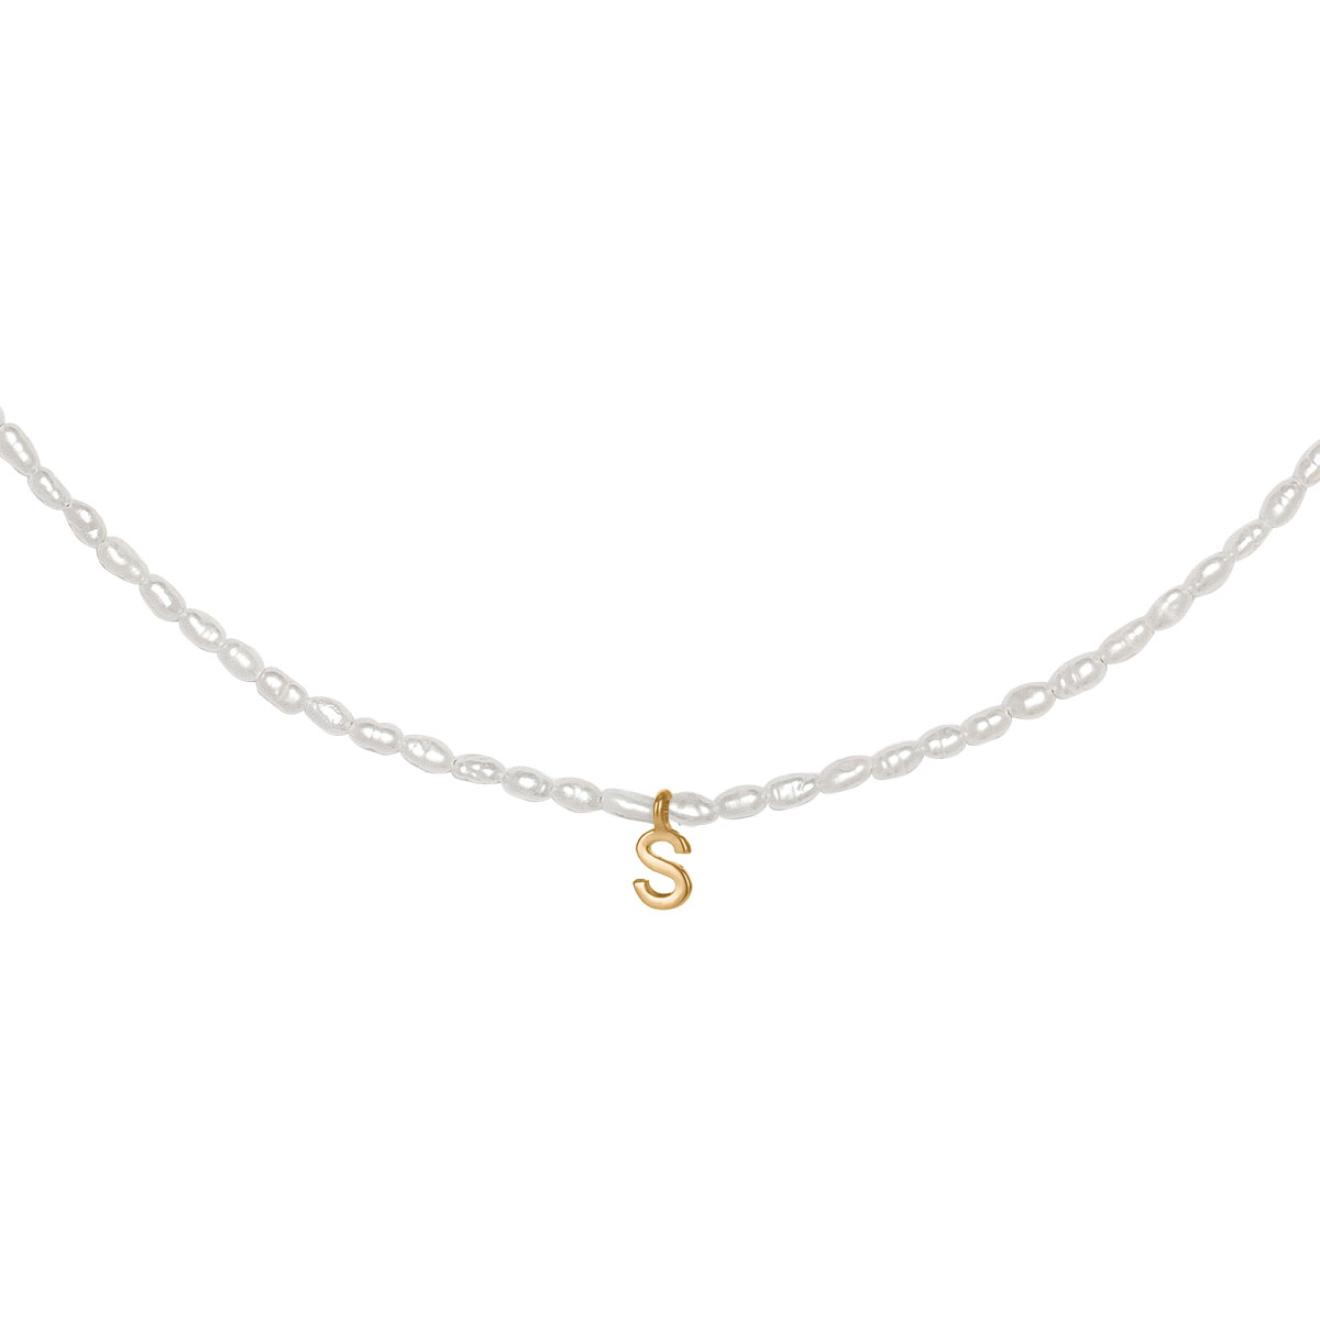 Фото - Ringstone Жемчужное ожерелье из серебра с позолоченной буквой S ringstone жемчужное ожерелье с буквой s ringstone